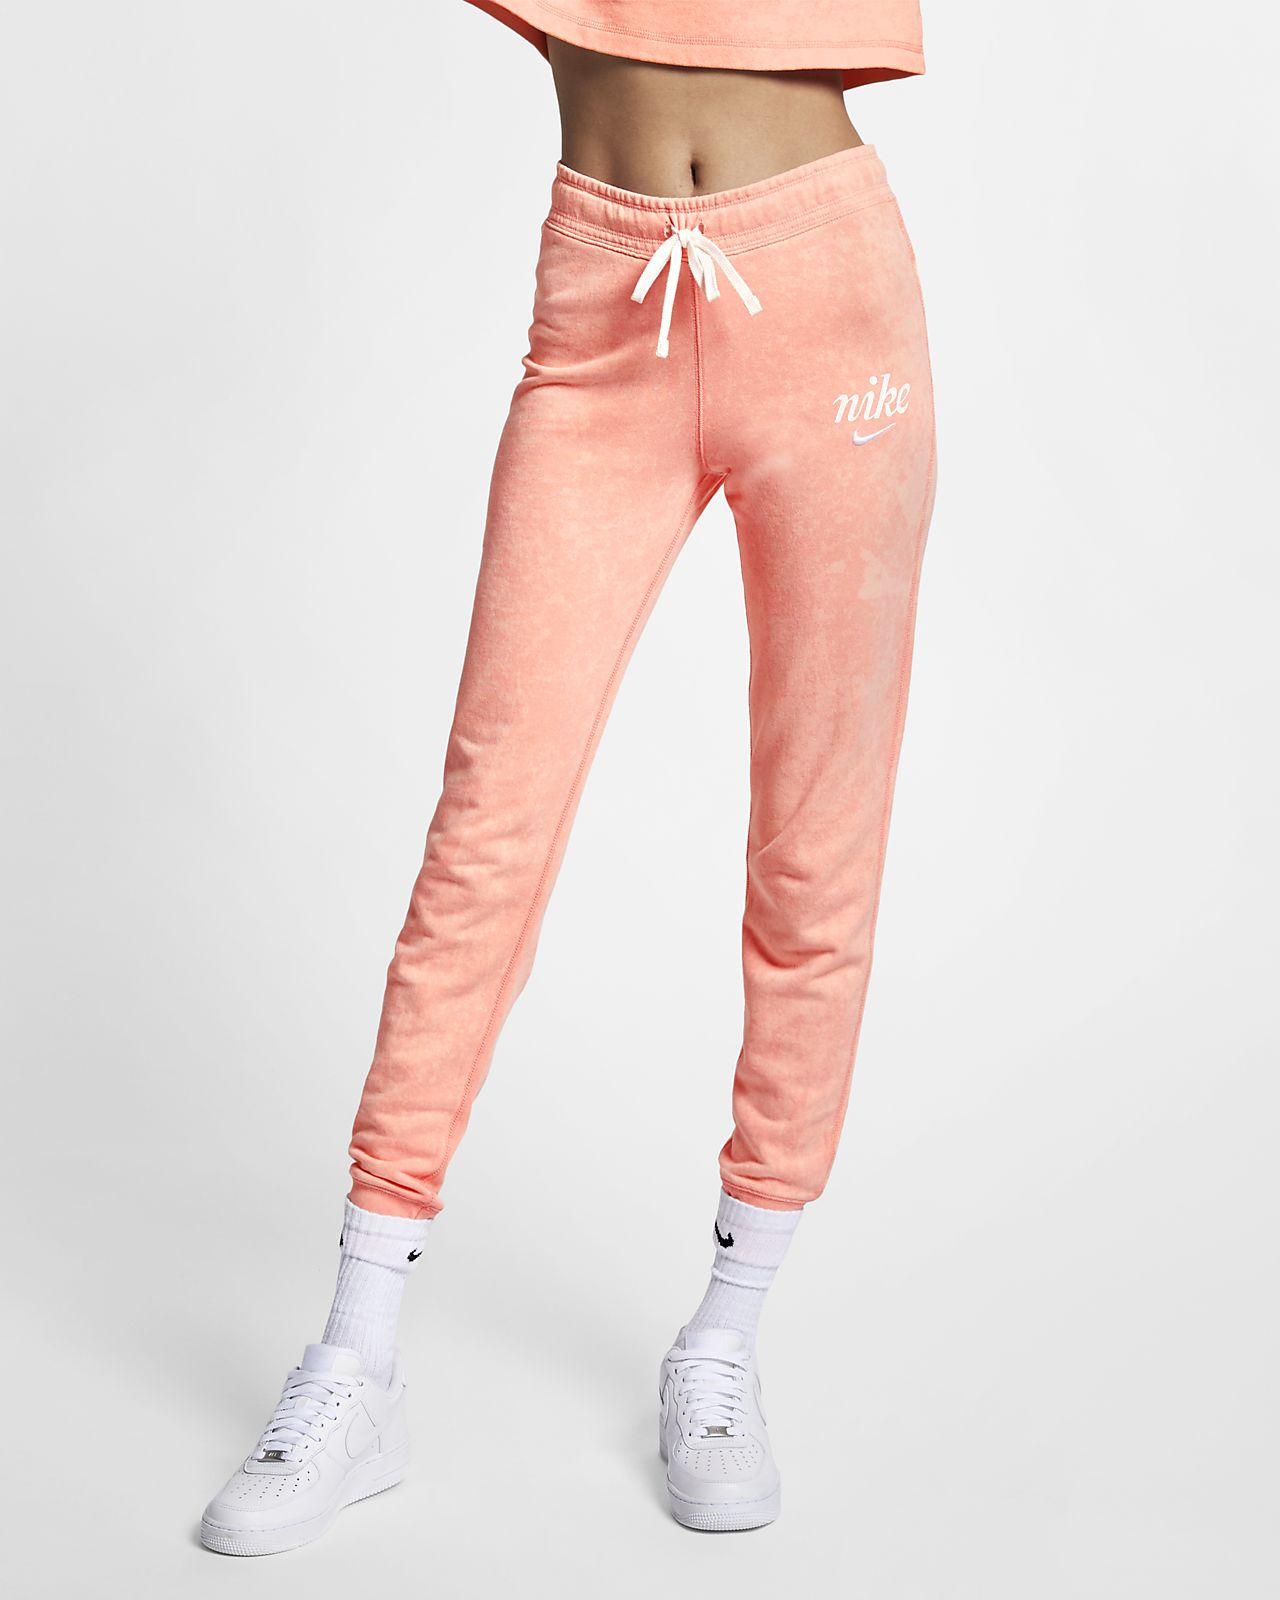 Sportswear Nike Nike Sportswear Nike DamenhoseLu Sportswear